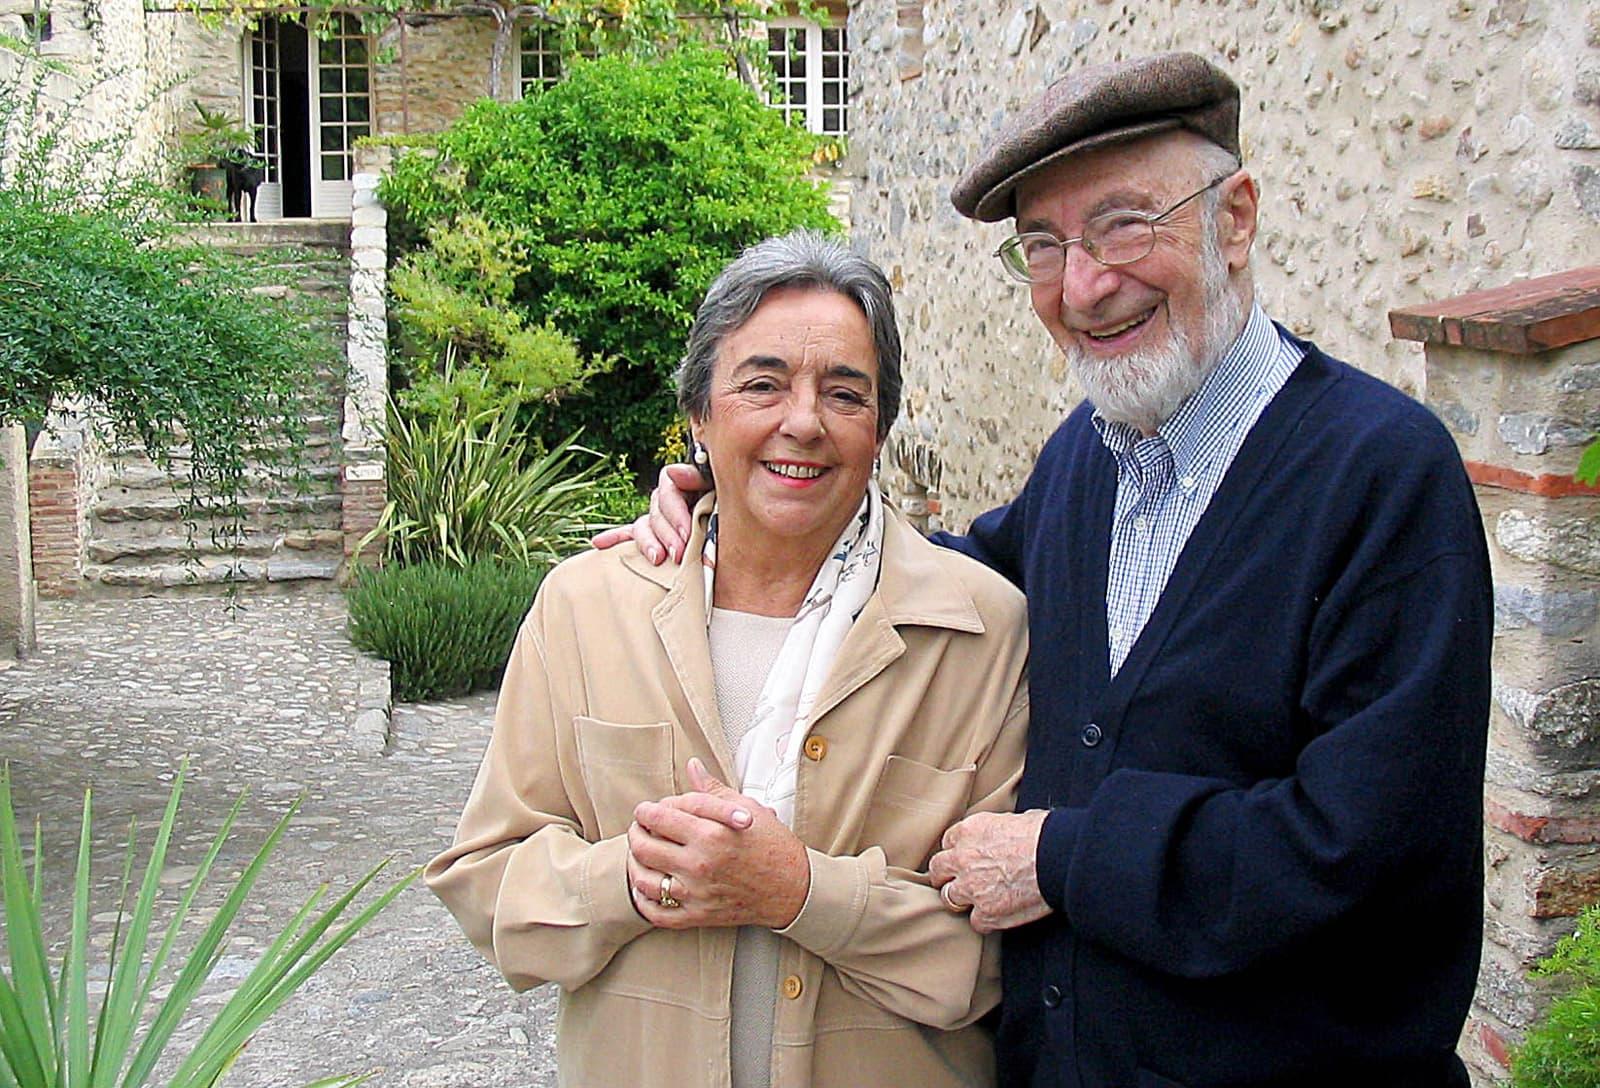 Llorenç Gomis, fundador i director de El Ciervo durant 50 anys, i la seva dona Rosario Bofill.